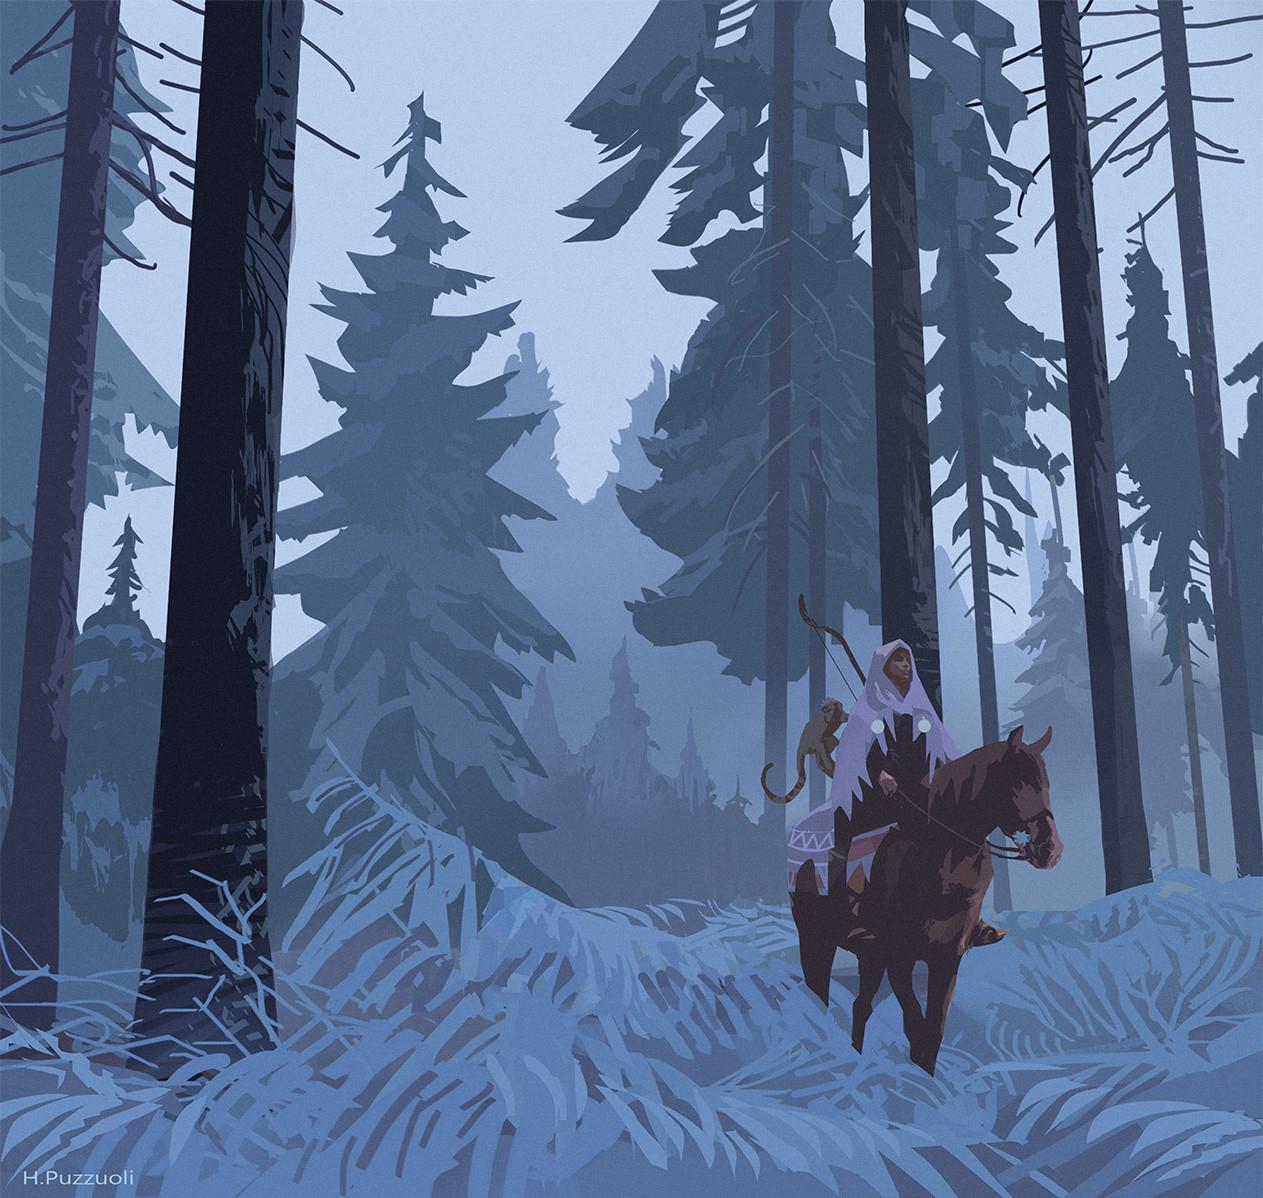 Hugo puzzuoli winter forest hpuzzuoli